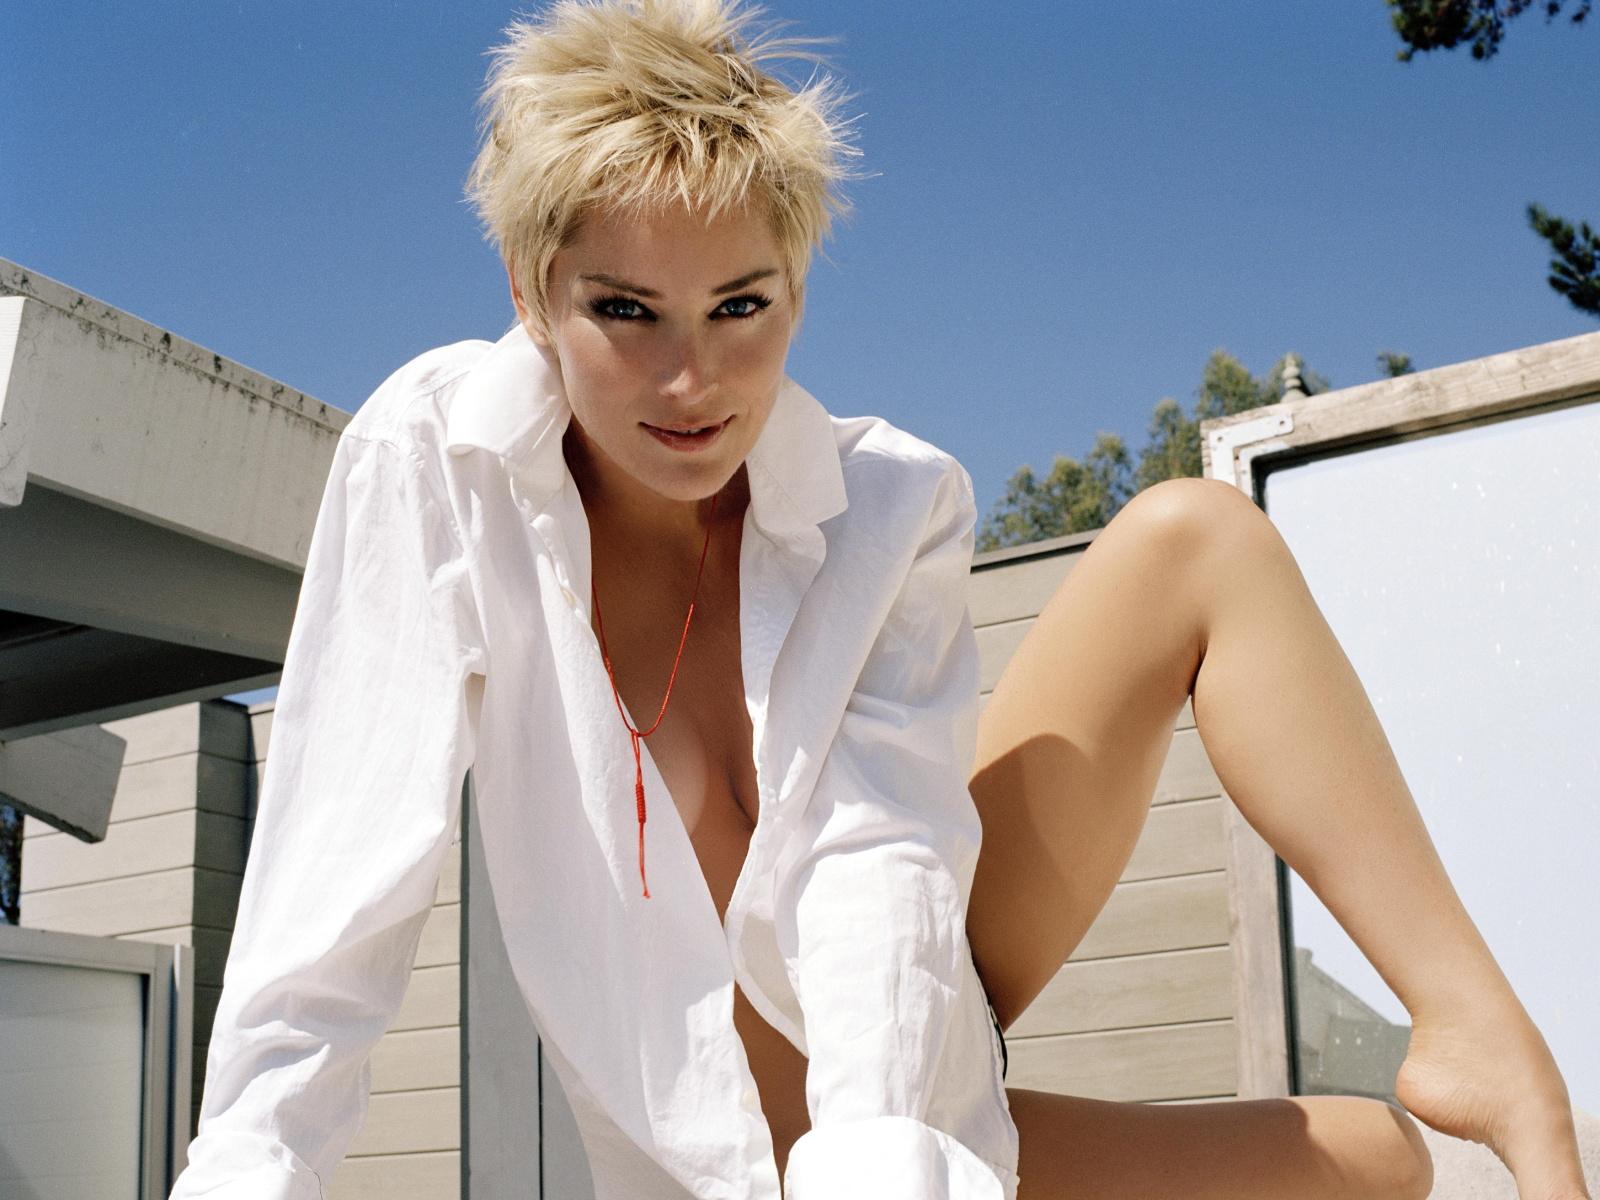 http://3.bp.blogspot.com/-Csg4Qc6lA84/UExTumoAsHI/AAAAAAAABU4/na2x1O1NCTU/s1600/Sharon+Stone+new+pic+2012-2013+06.jpg